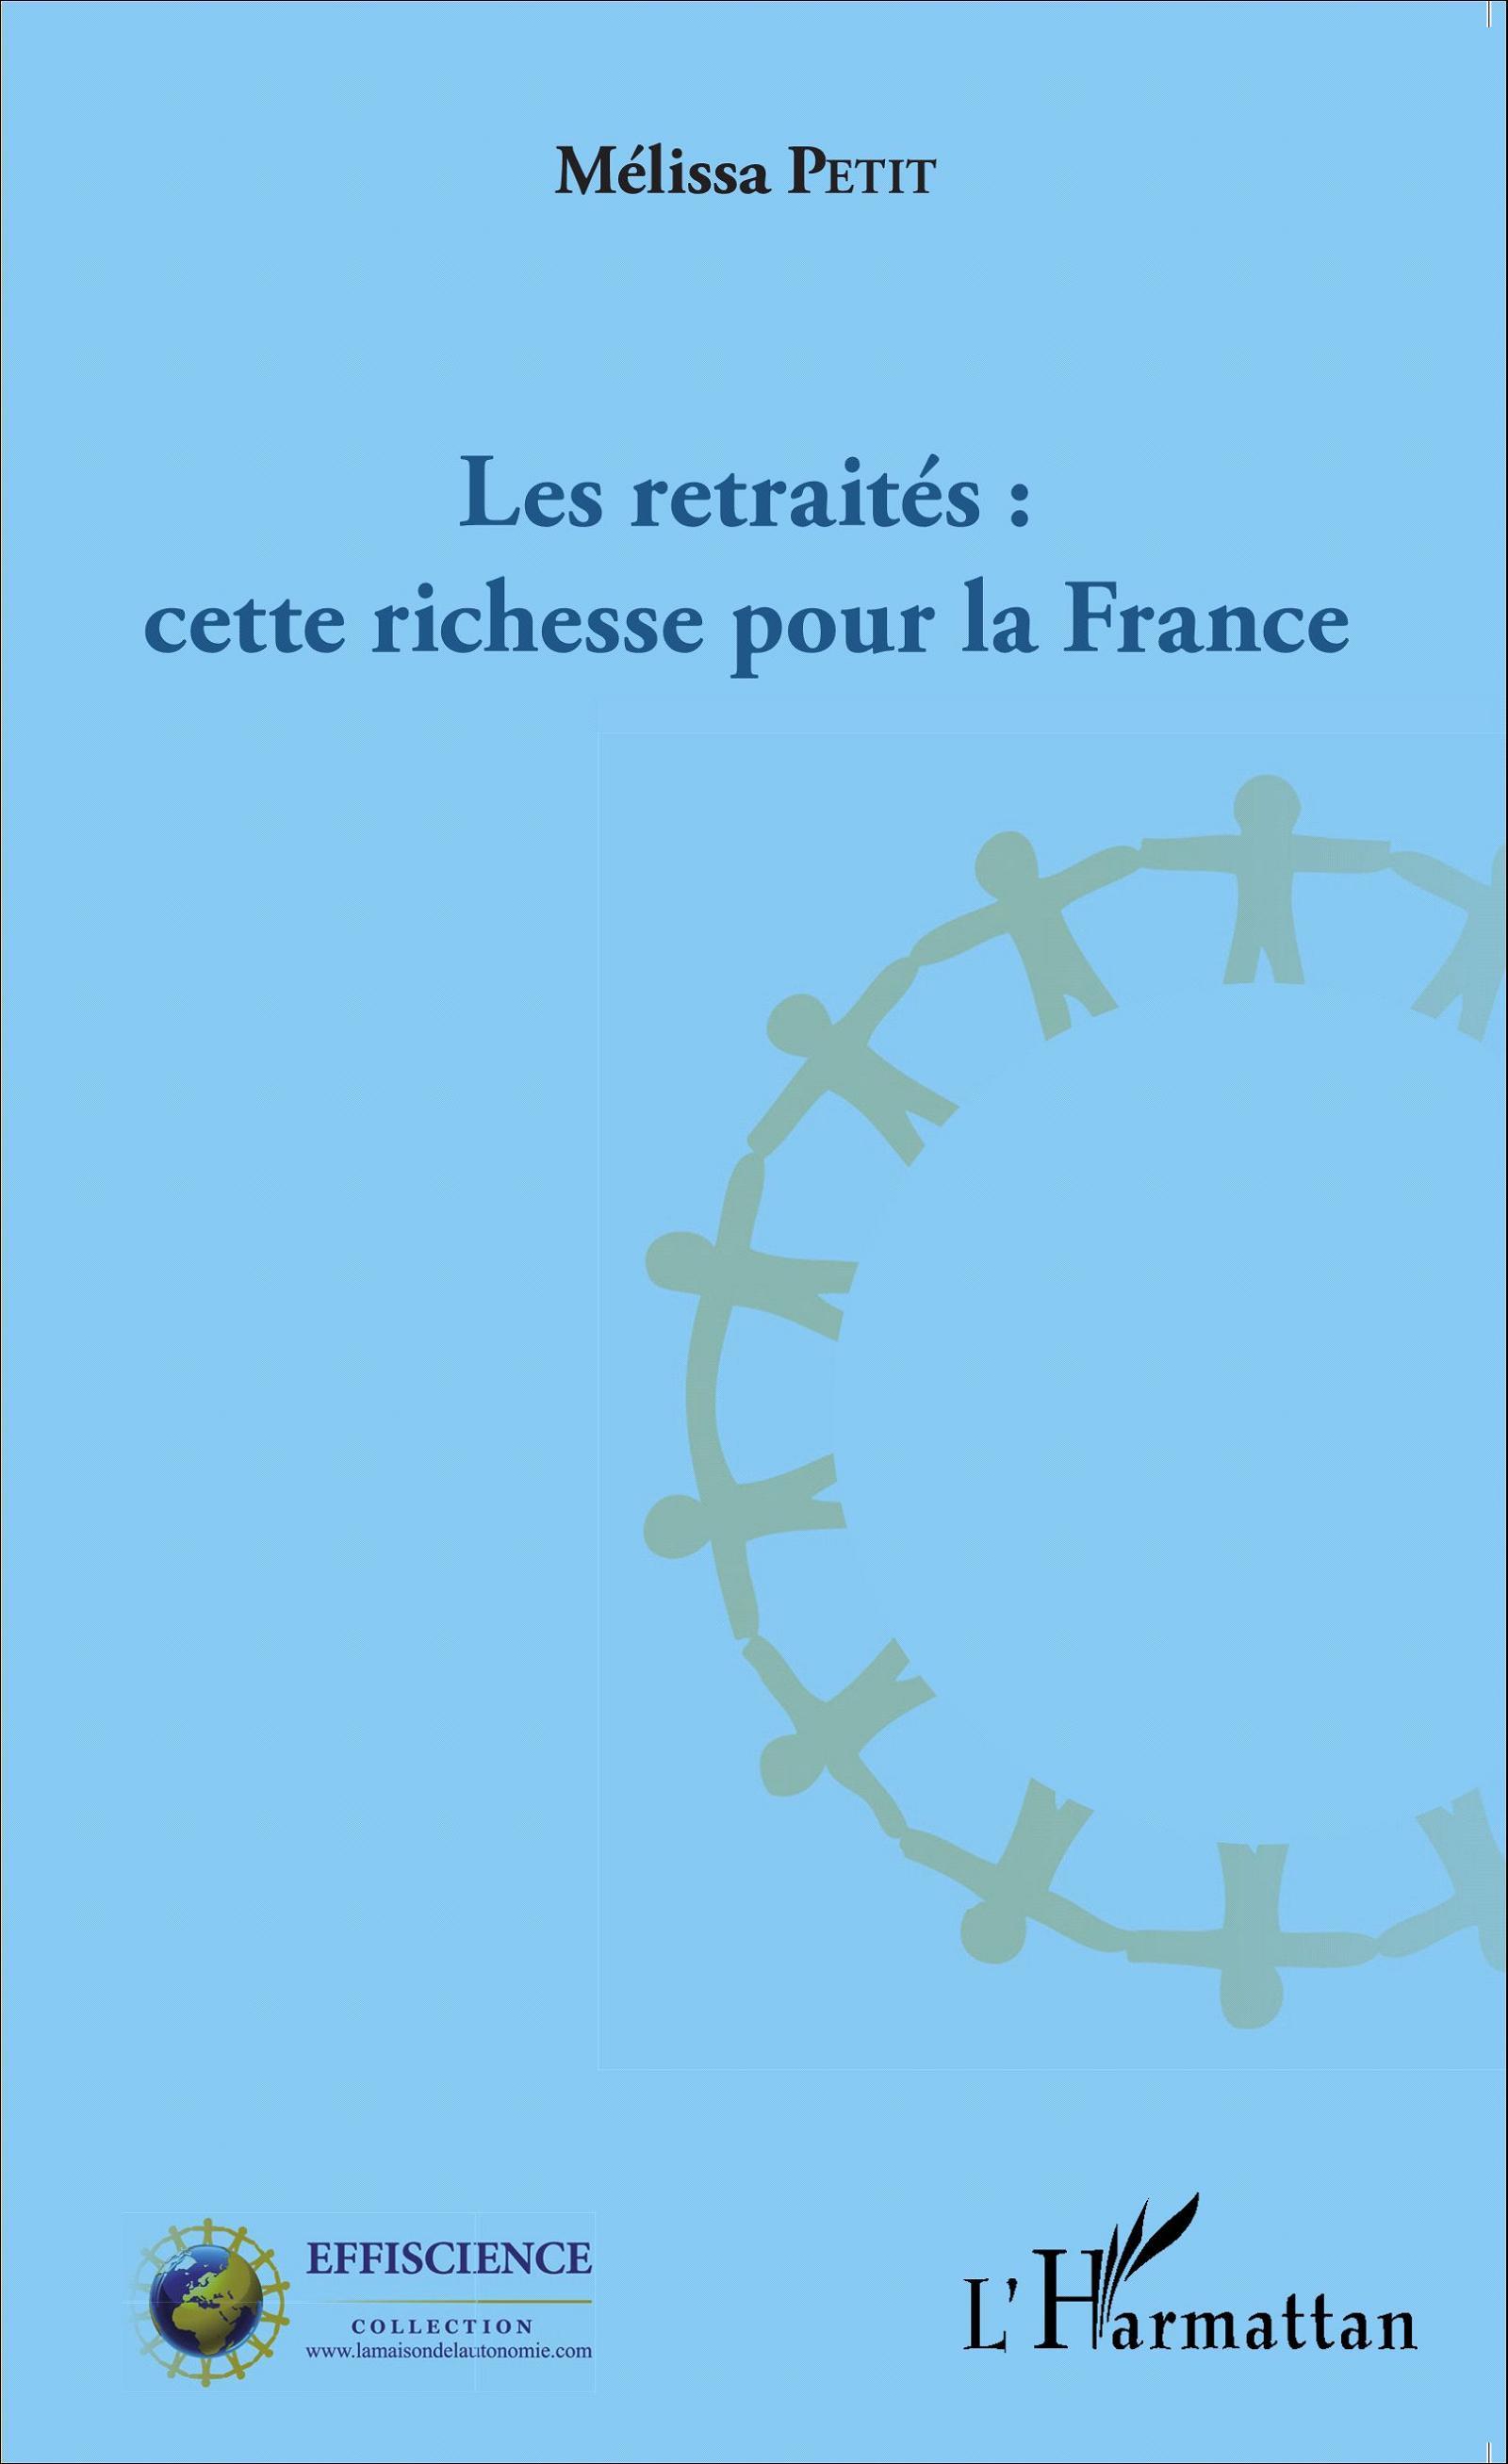 Les retraités : cette richesse pour la France